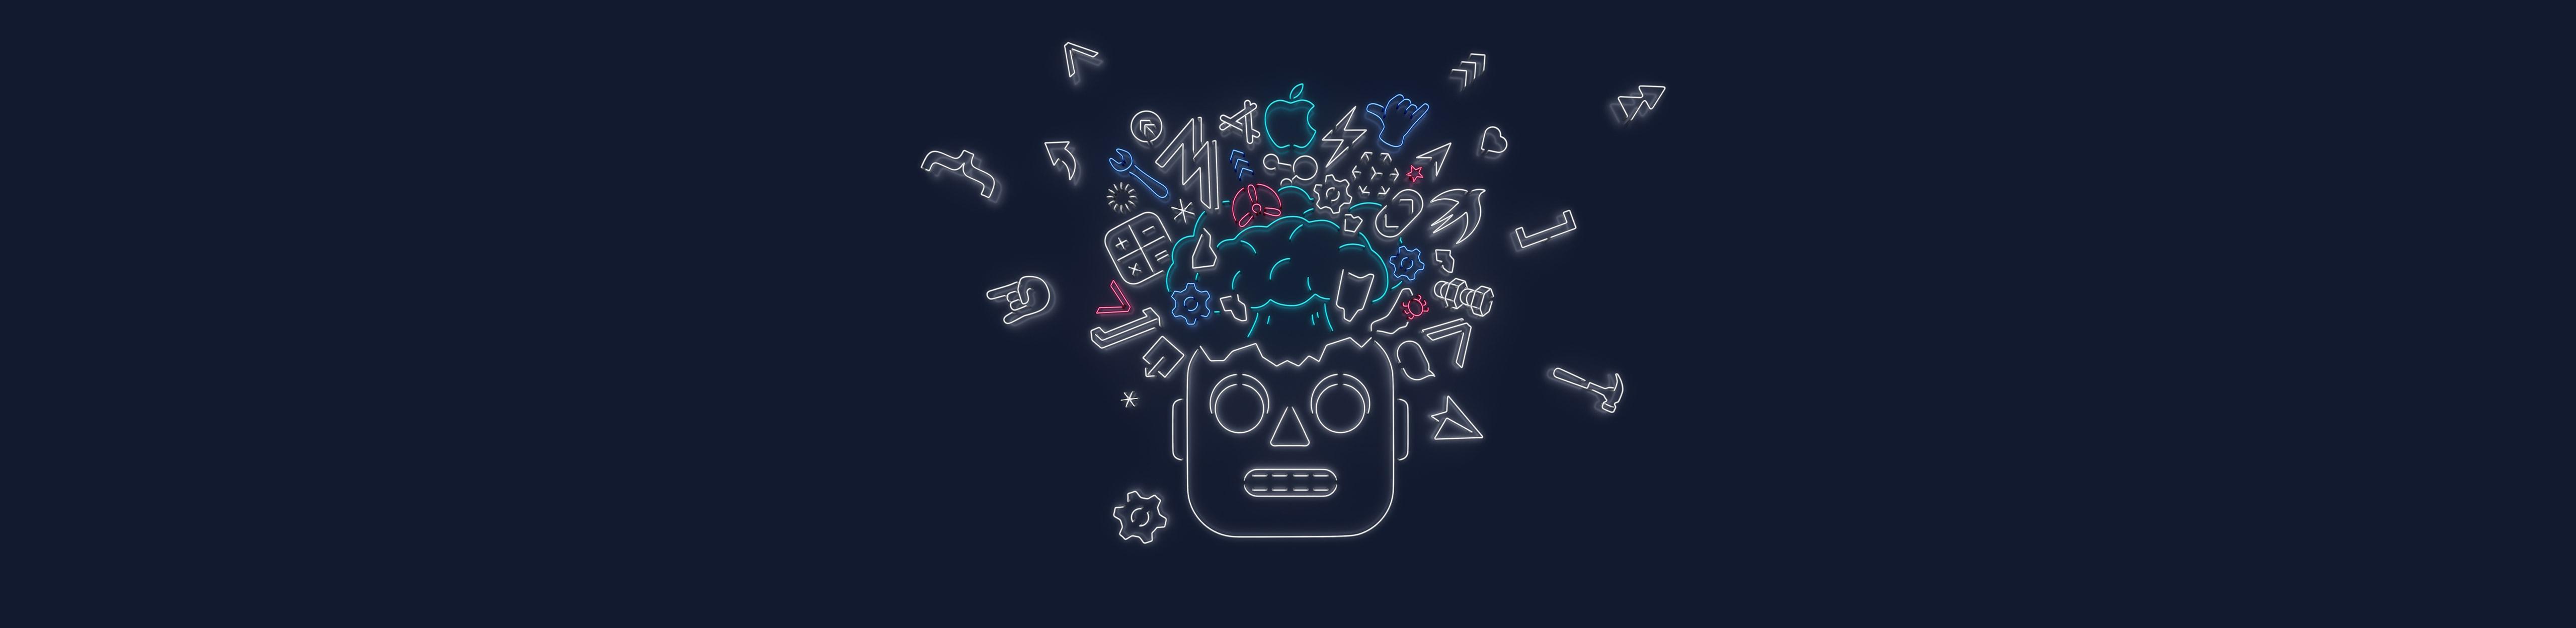 Banner da WWDC19